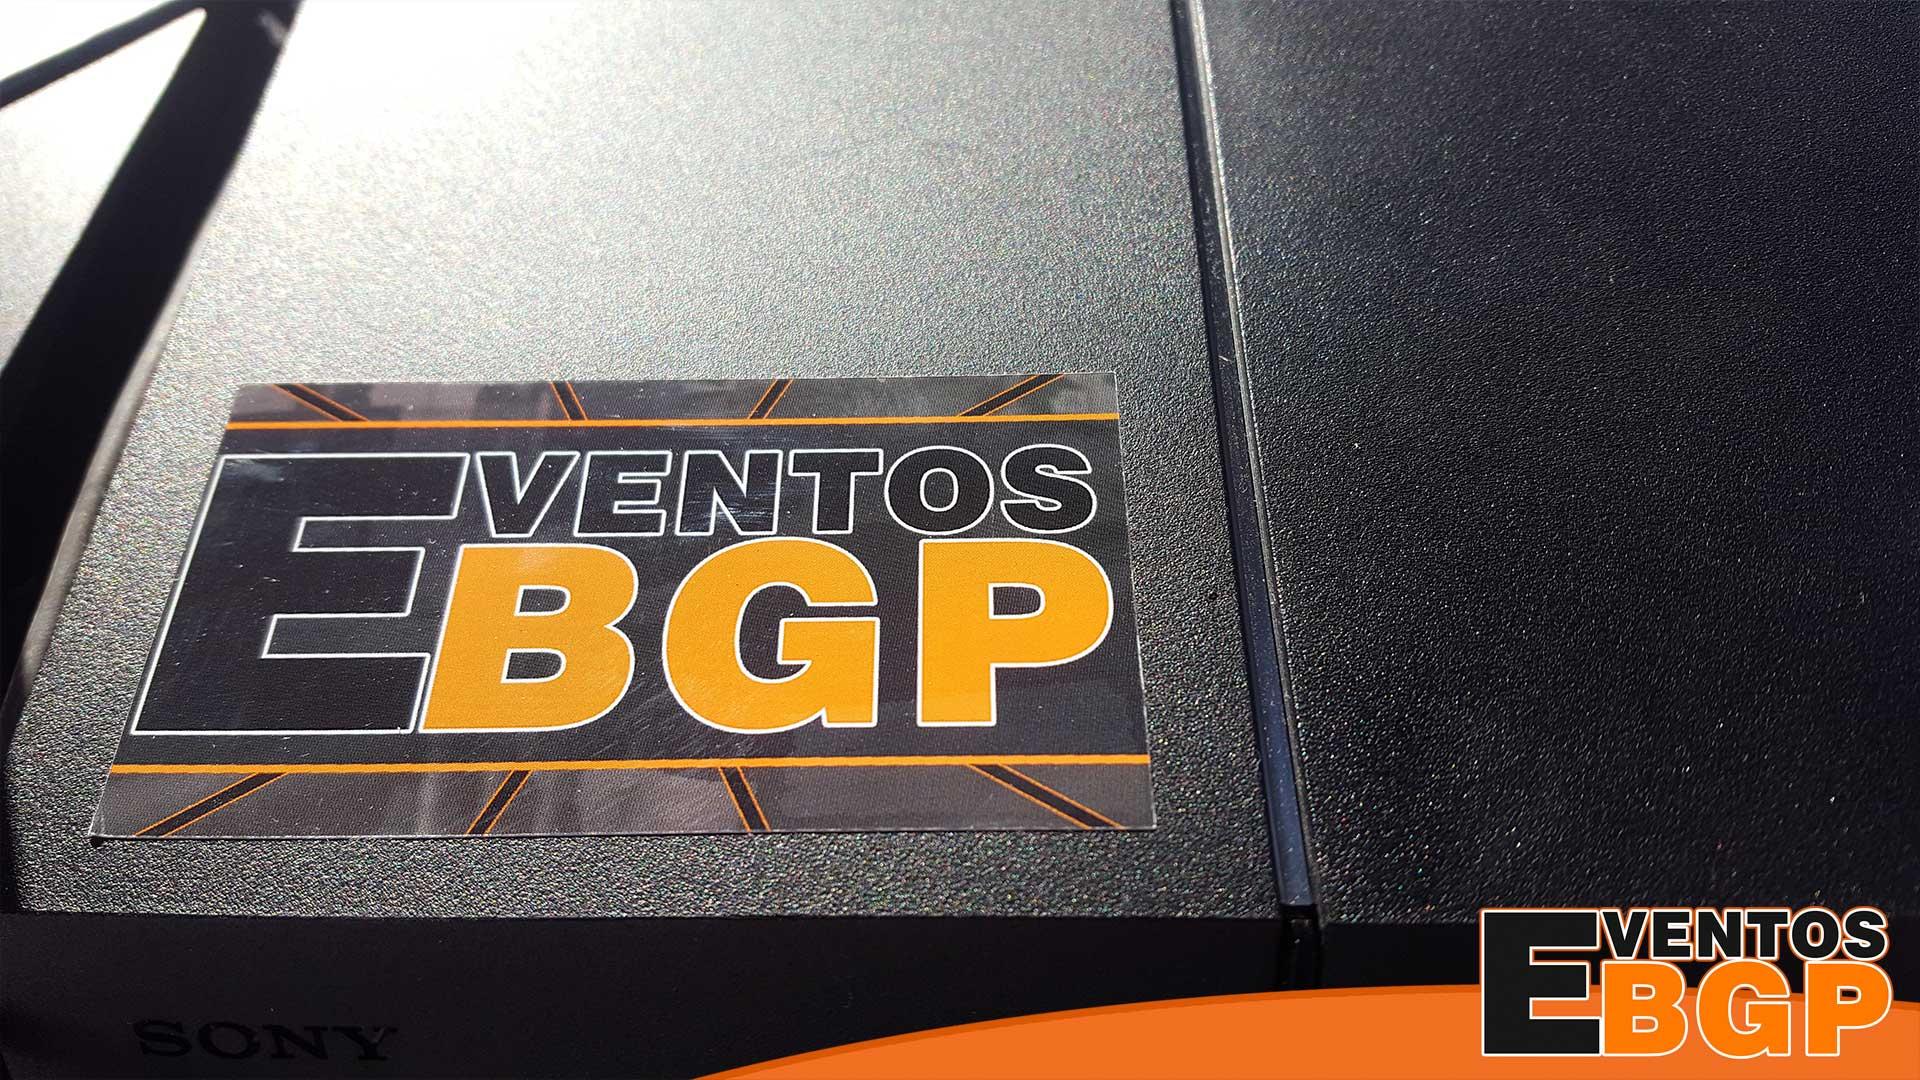 Fotografía de la marca Eventos BGP con logotipo.